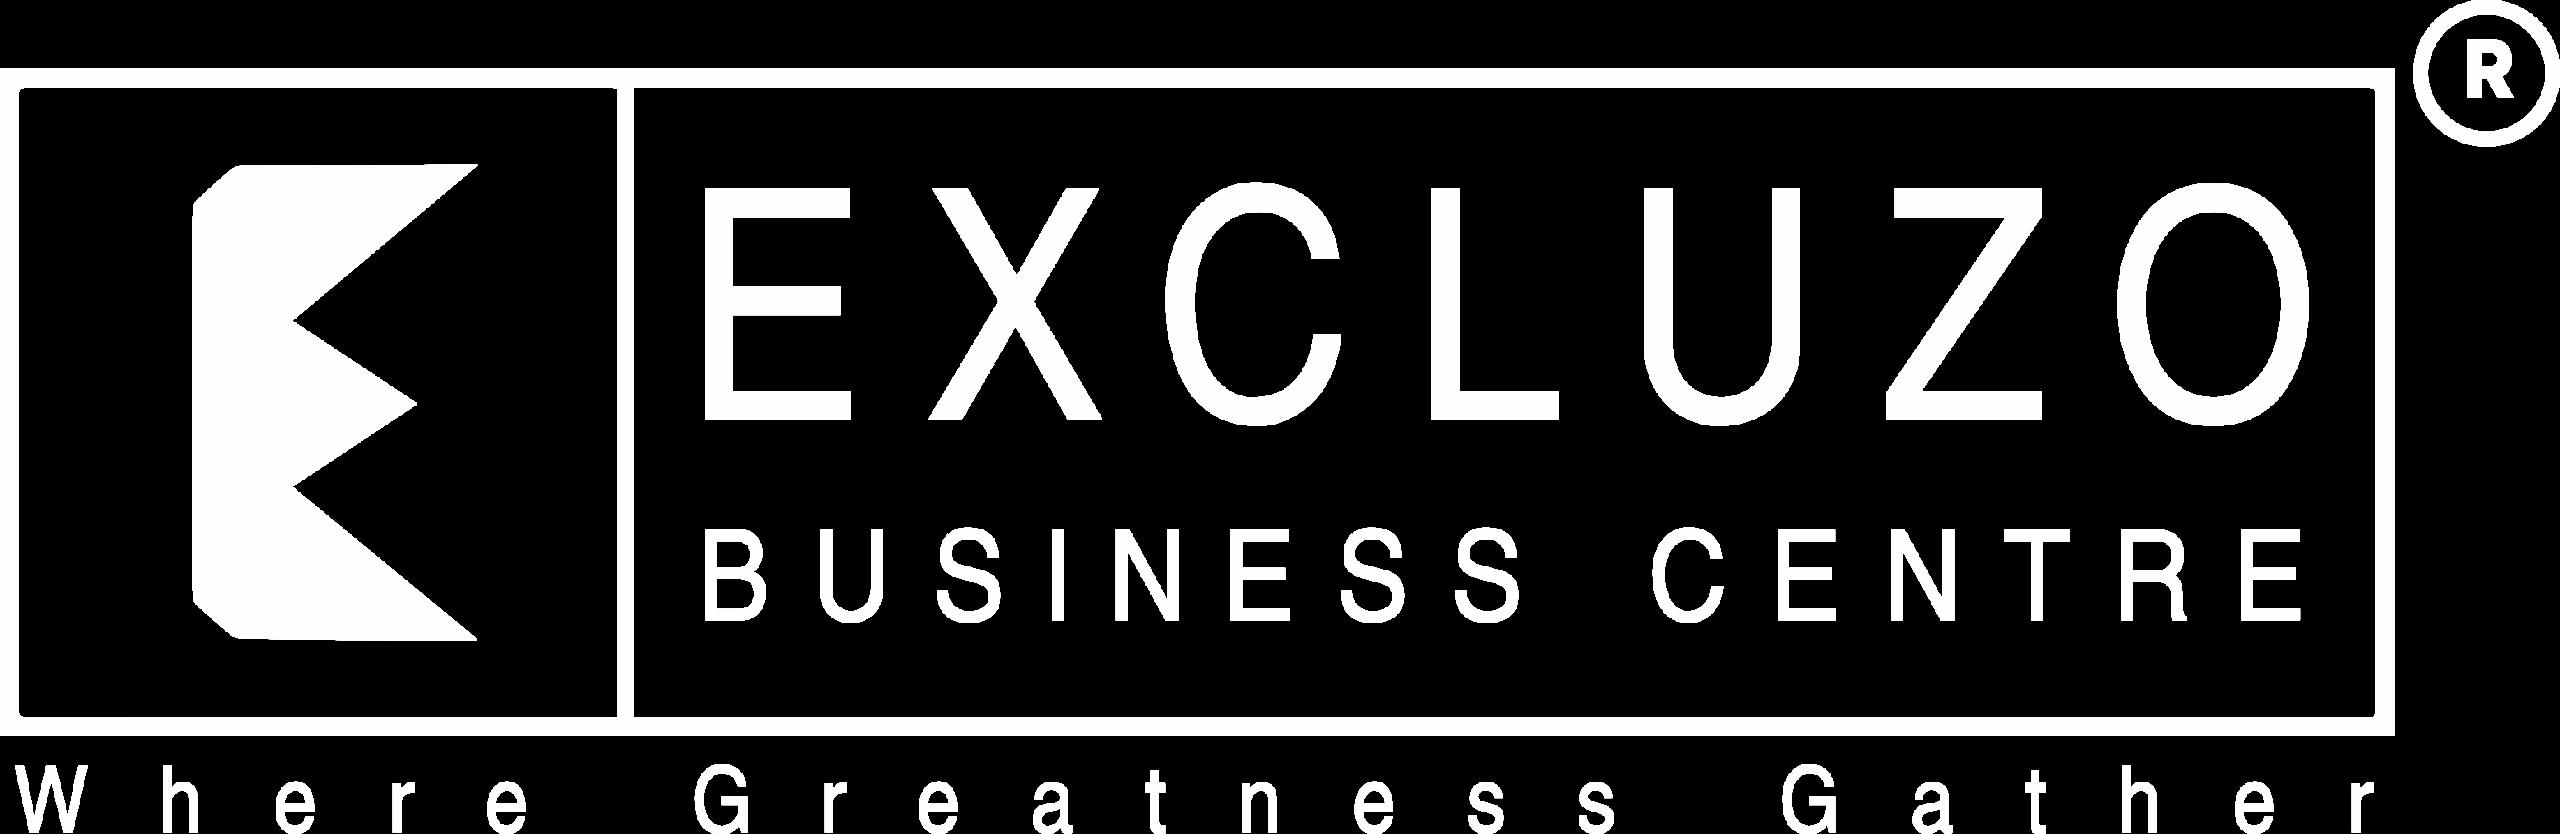 excluzo-logo-white